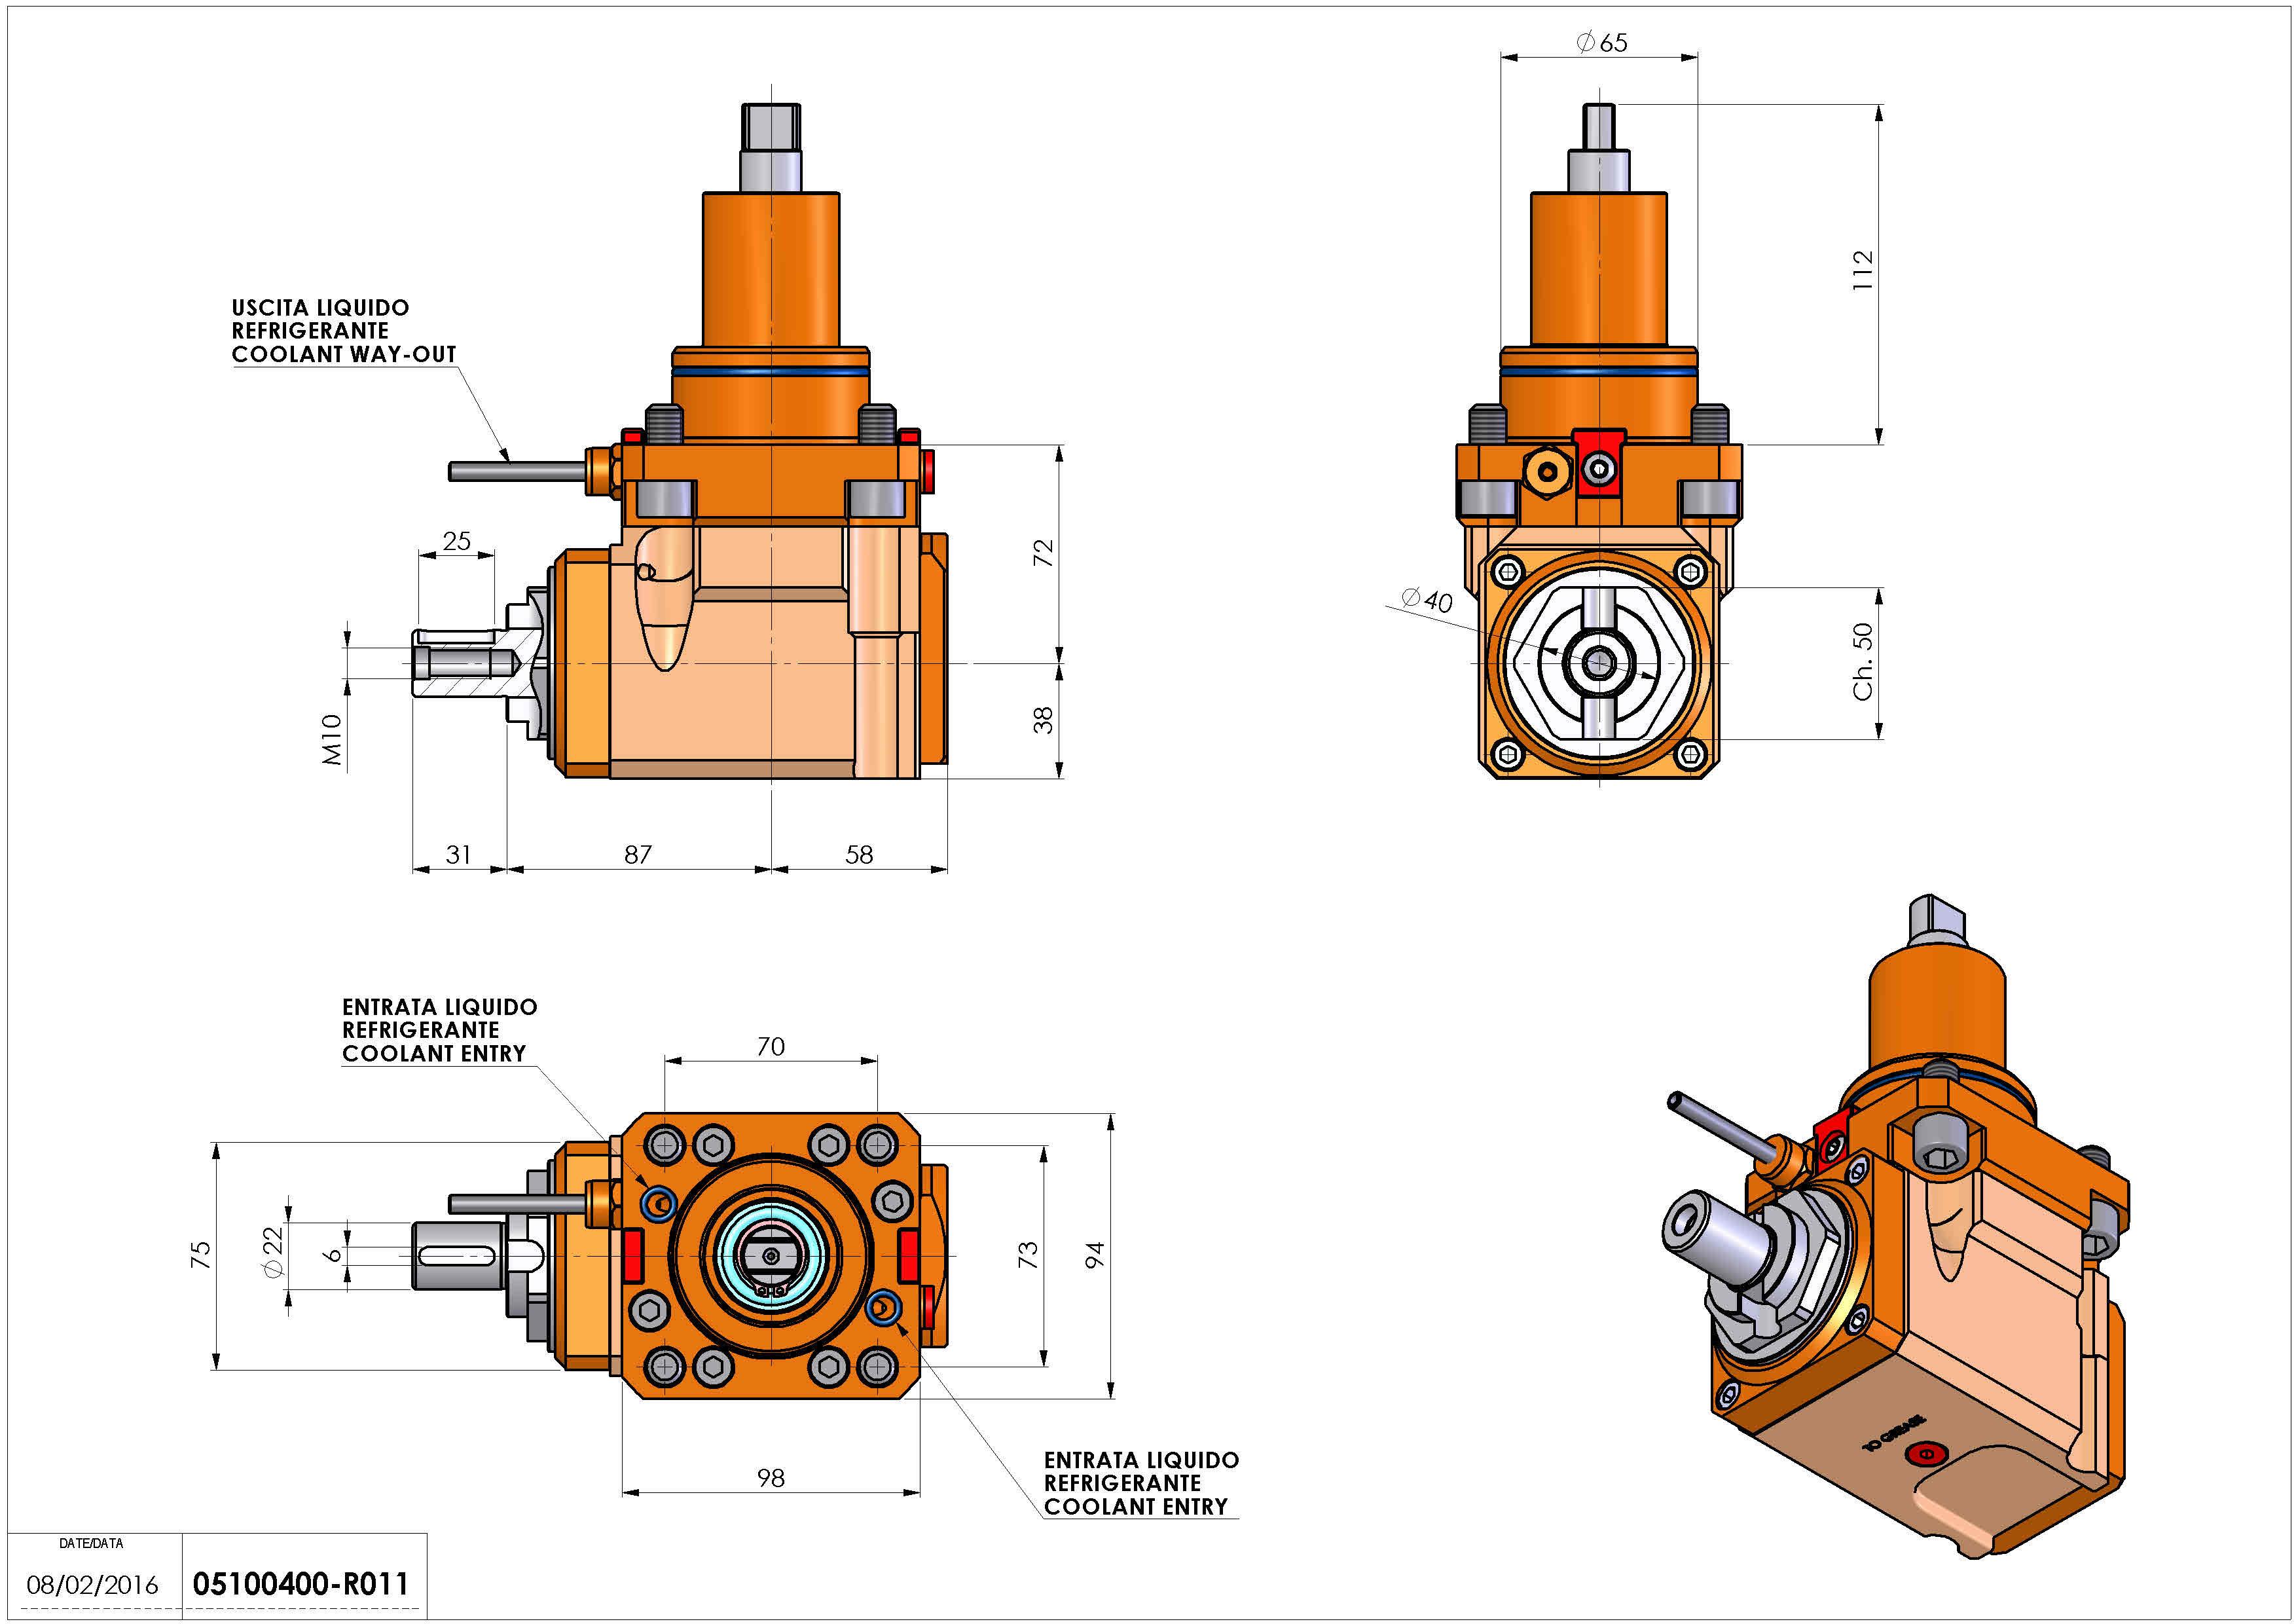 Technical image - LT-A BMT65 DIN-22 L-R H72 K-W.